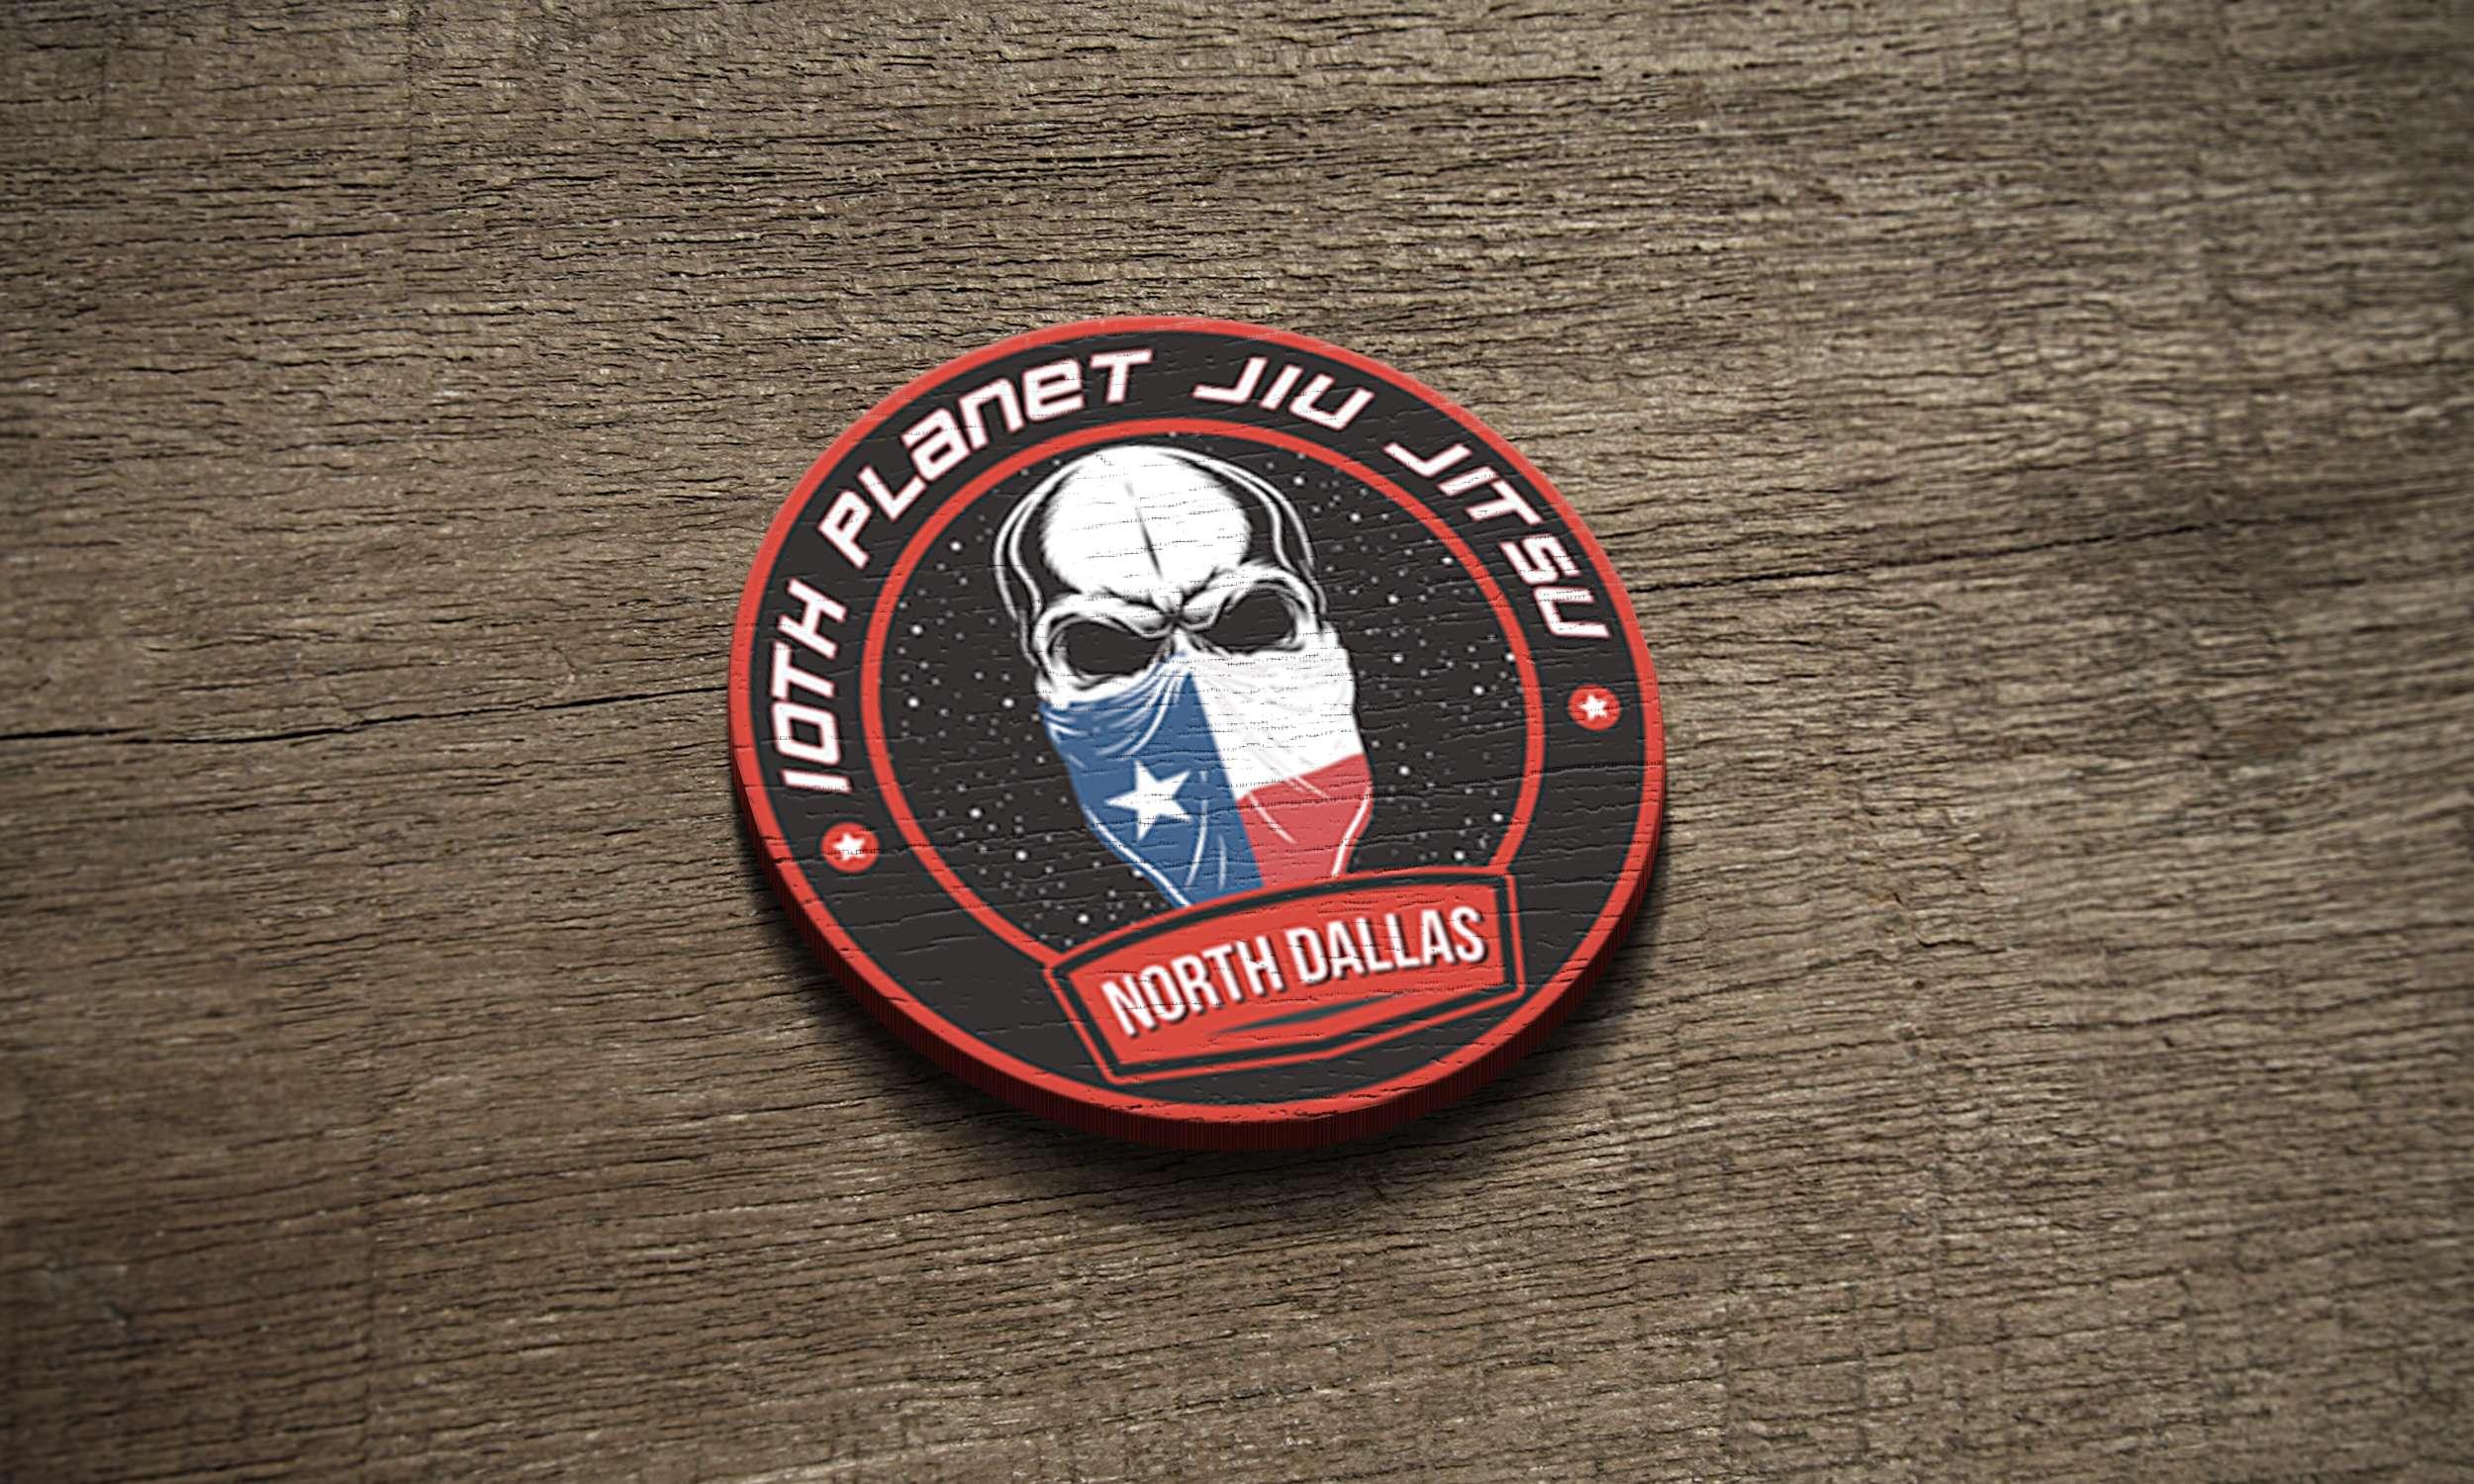 10th Planet North Dallas Brochure 7